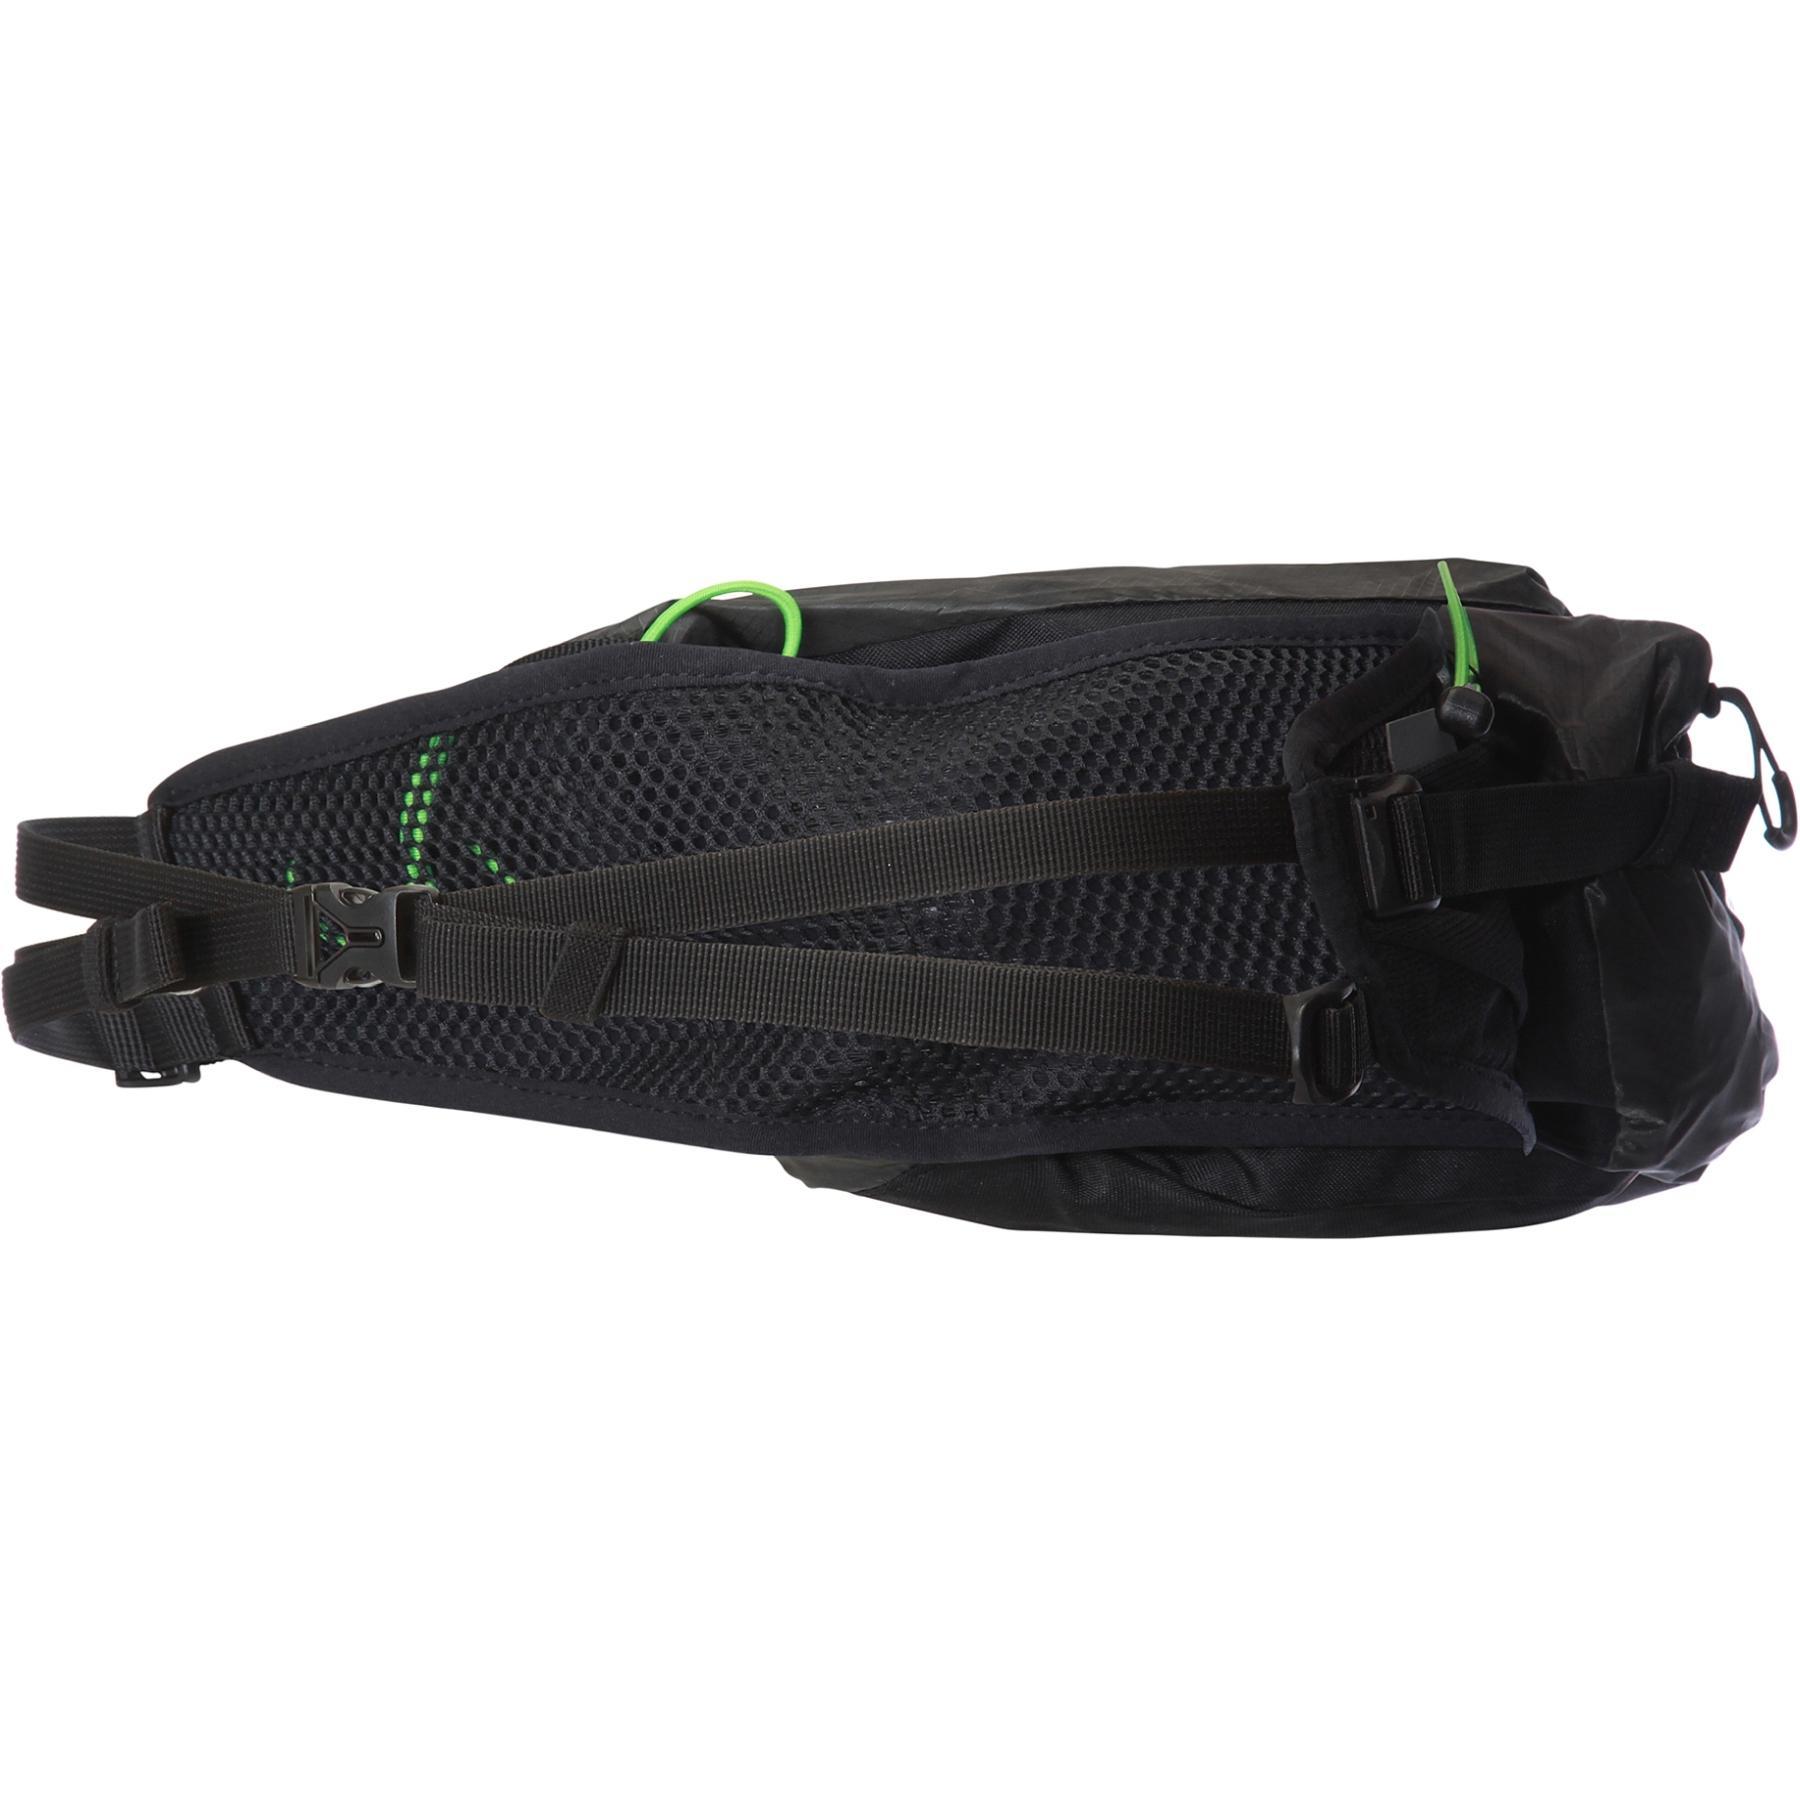 Bild von Inov-8 Race Ultra Pro (2in1) Waist Hüfttasche - black/grey